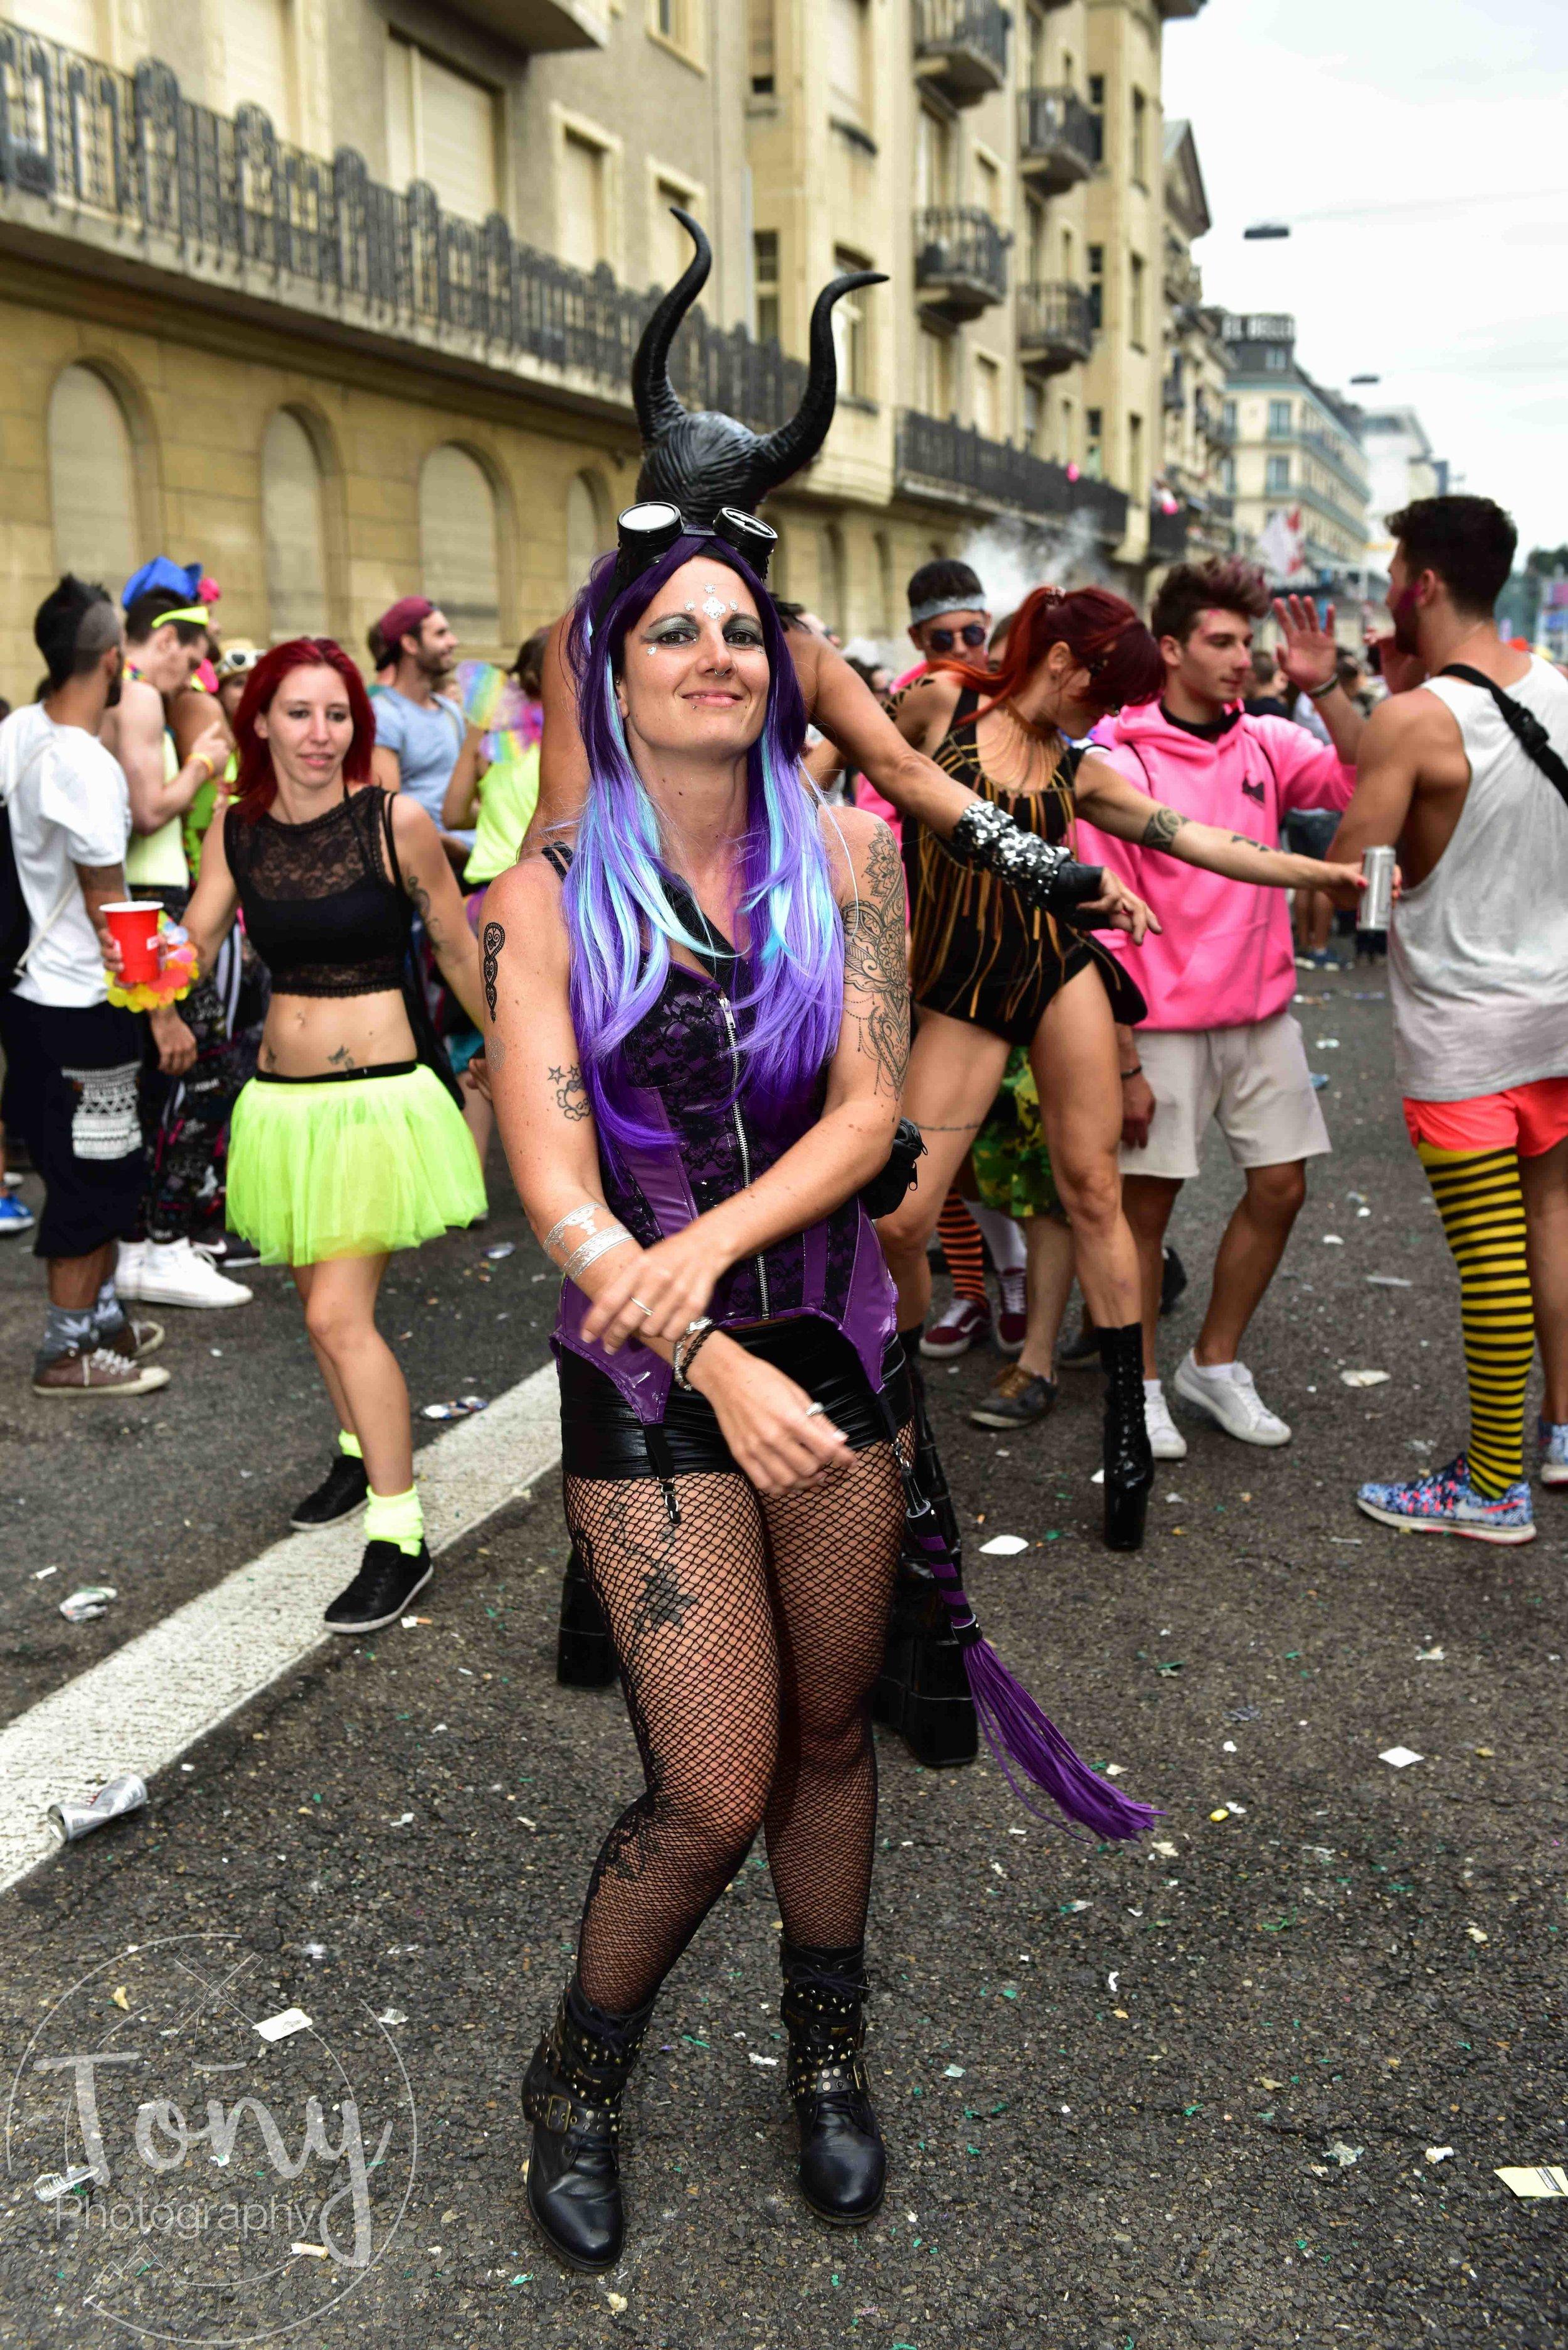 streetparade-223.jpg